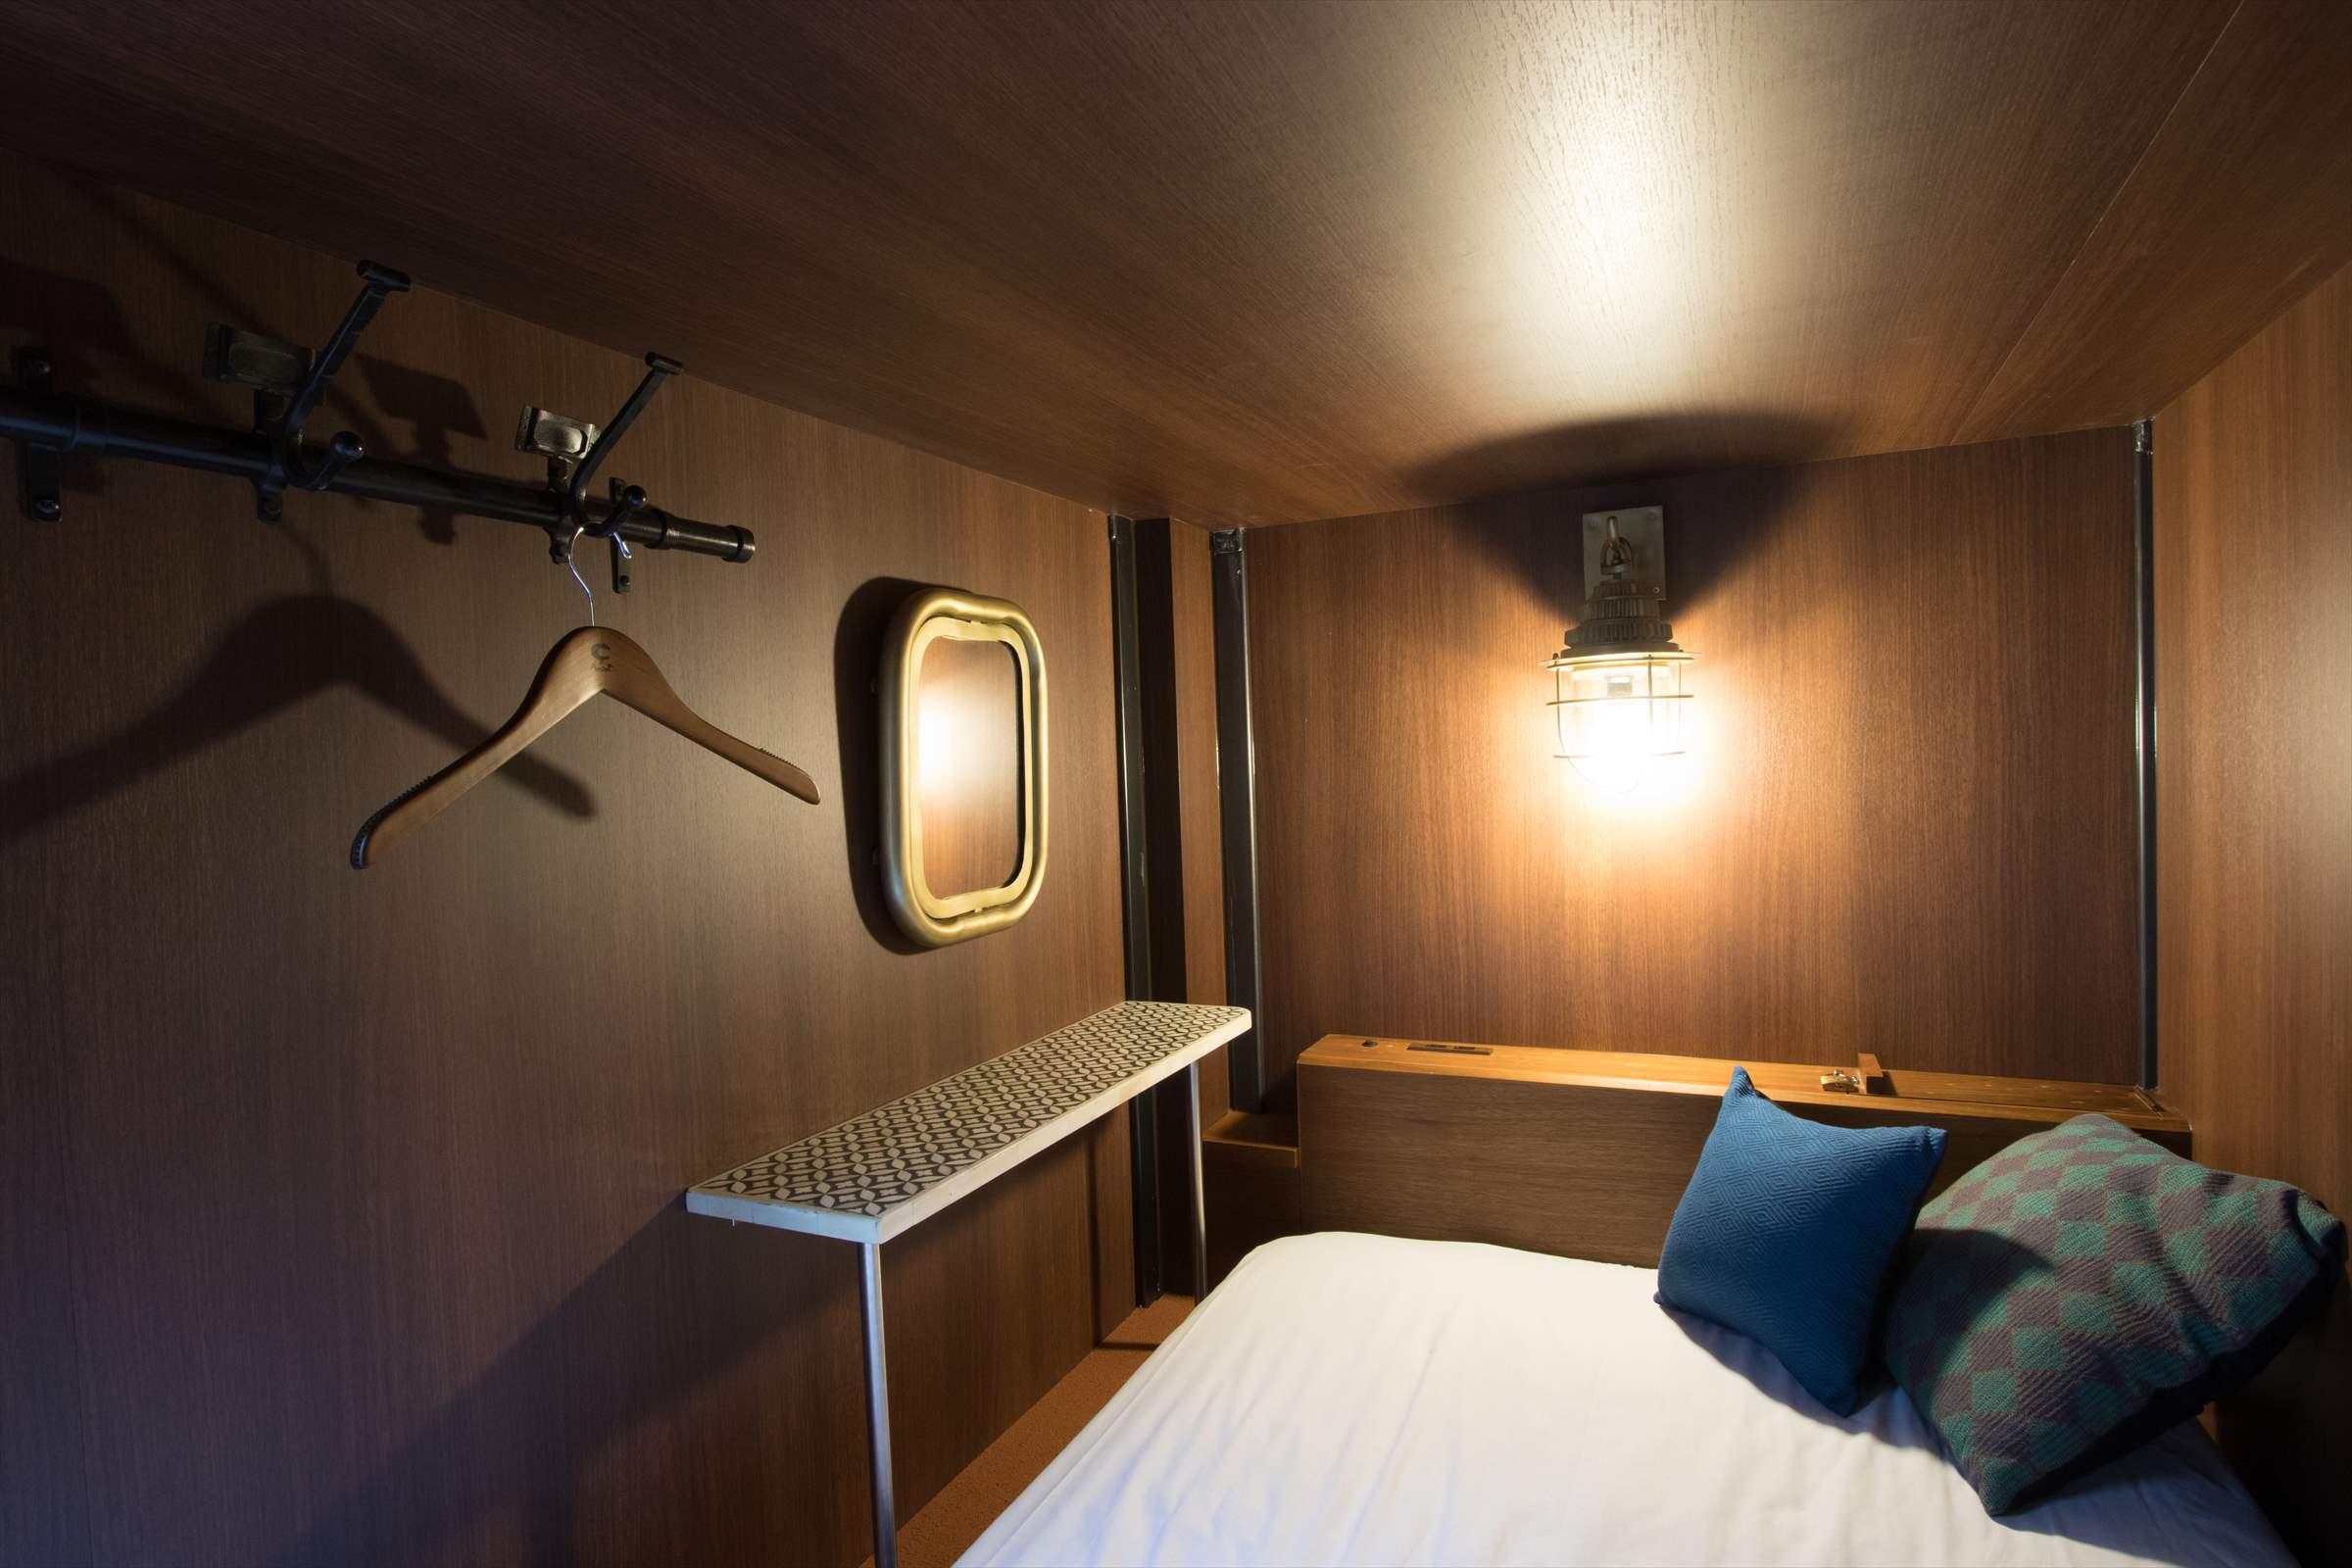 余裕のある広い個室空間[幅1.2m~1.4m × 高さ 1.3m]